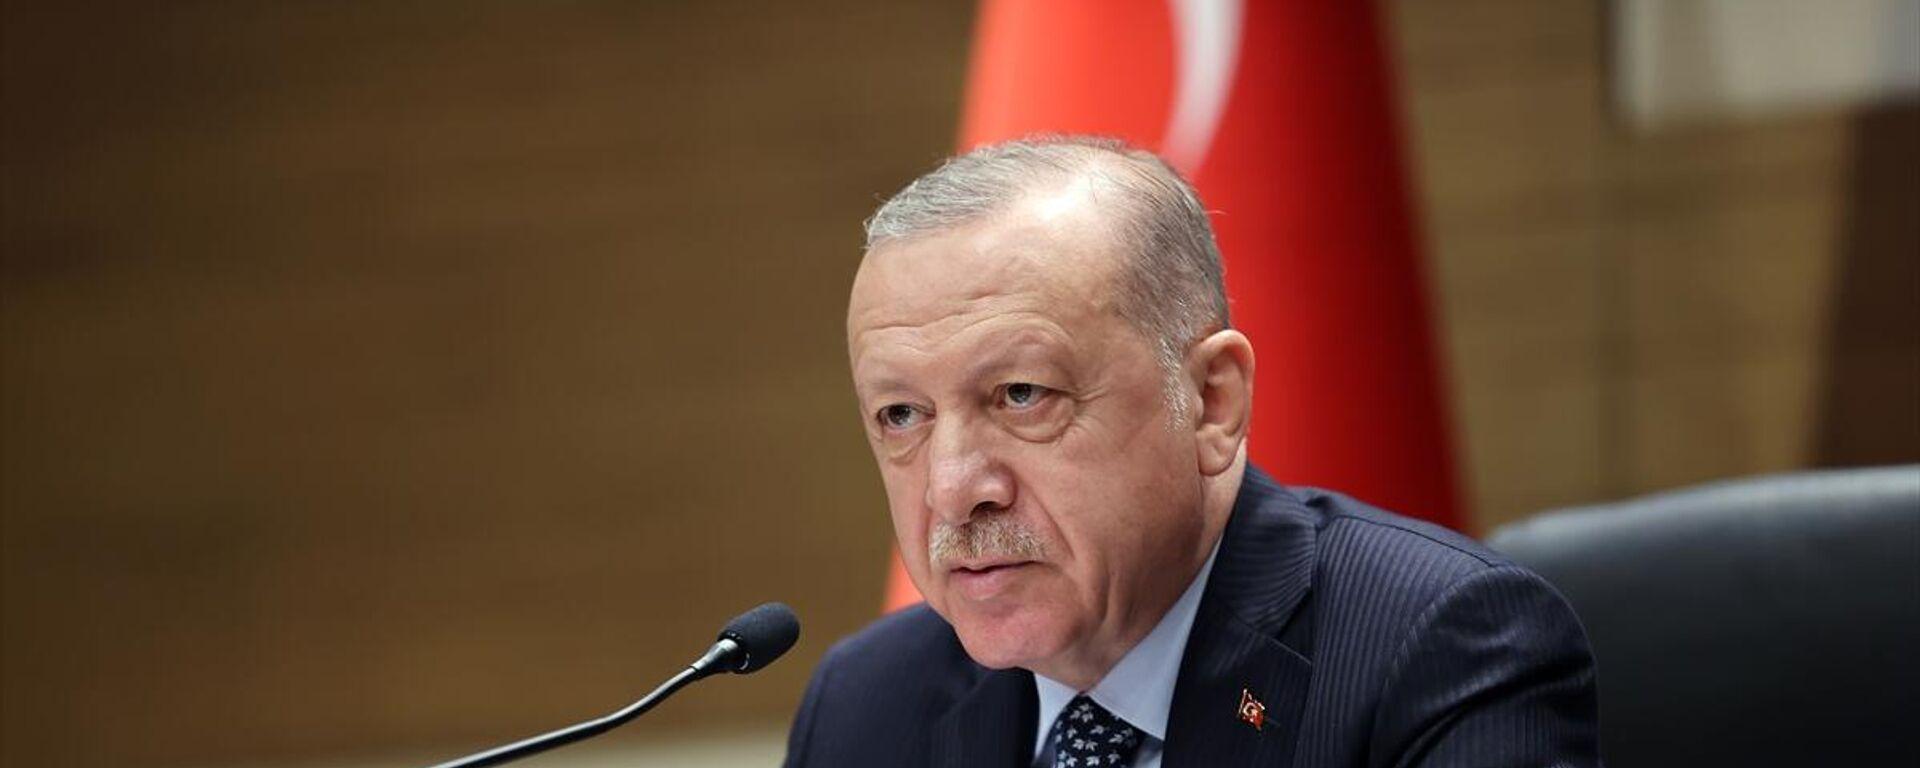 Recep Tayyip Erdoğan - Sputnik Türkiye, 1920, 27.08.2021